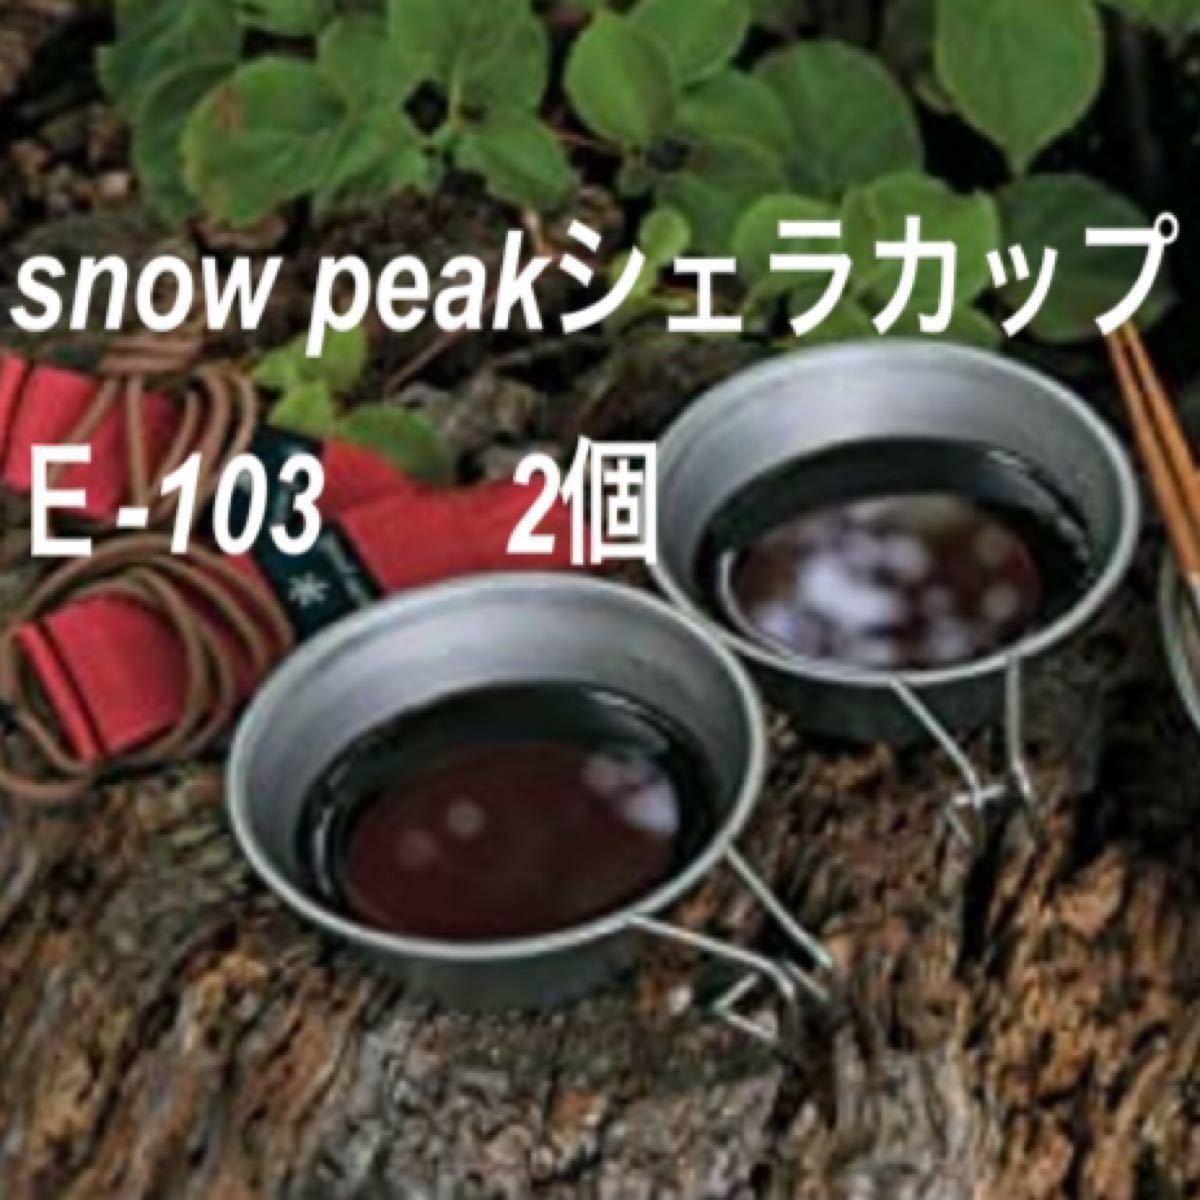 スノーピーク snow peak シェラカップ  2個 E-103